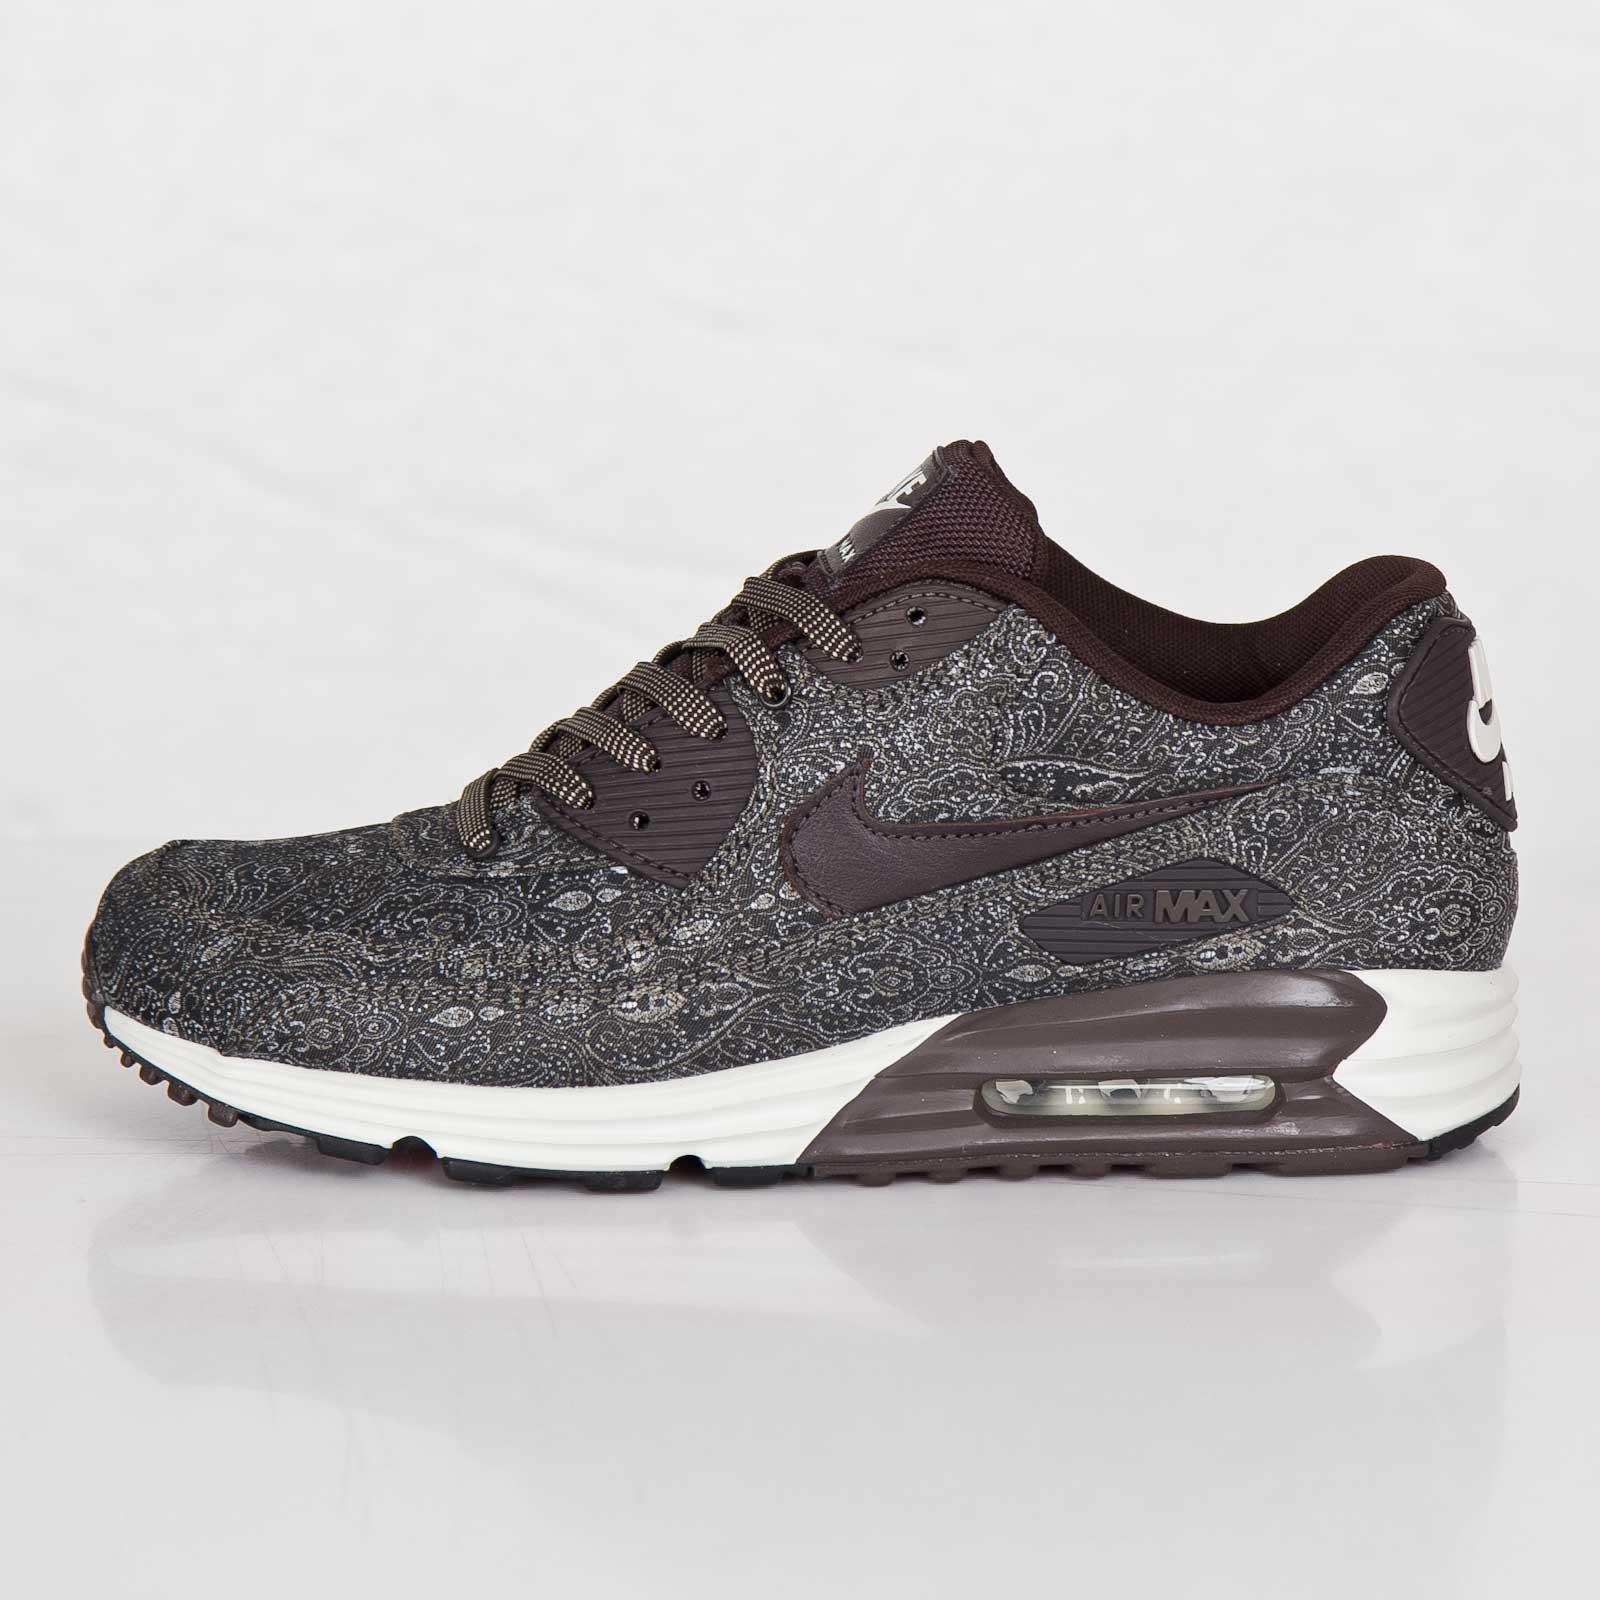 Nike Air Max Lunar90 Premium QS 705068 201